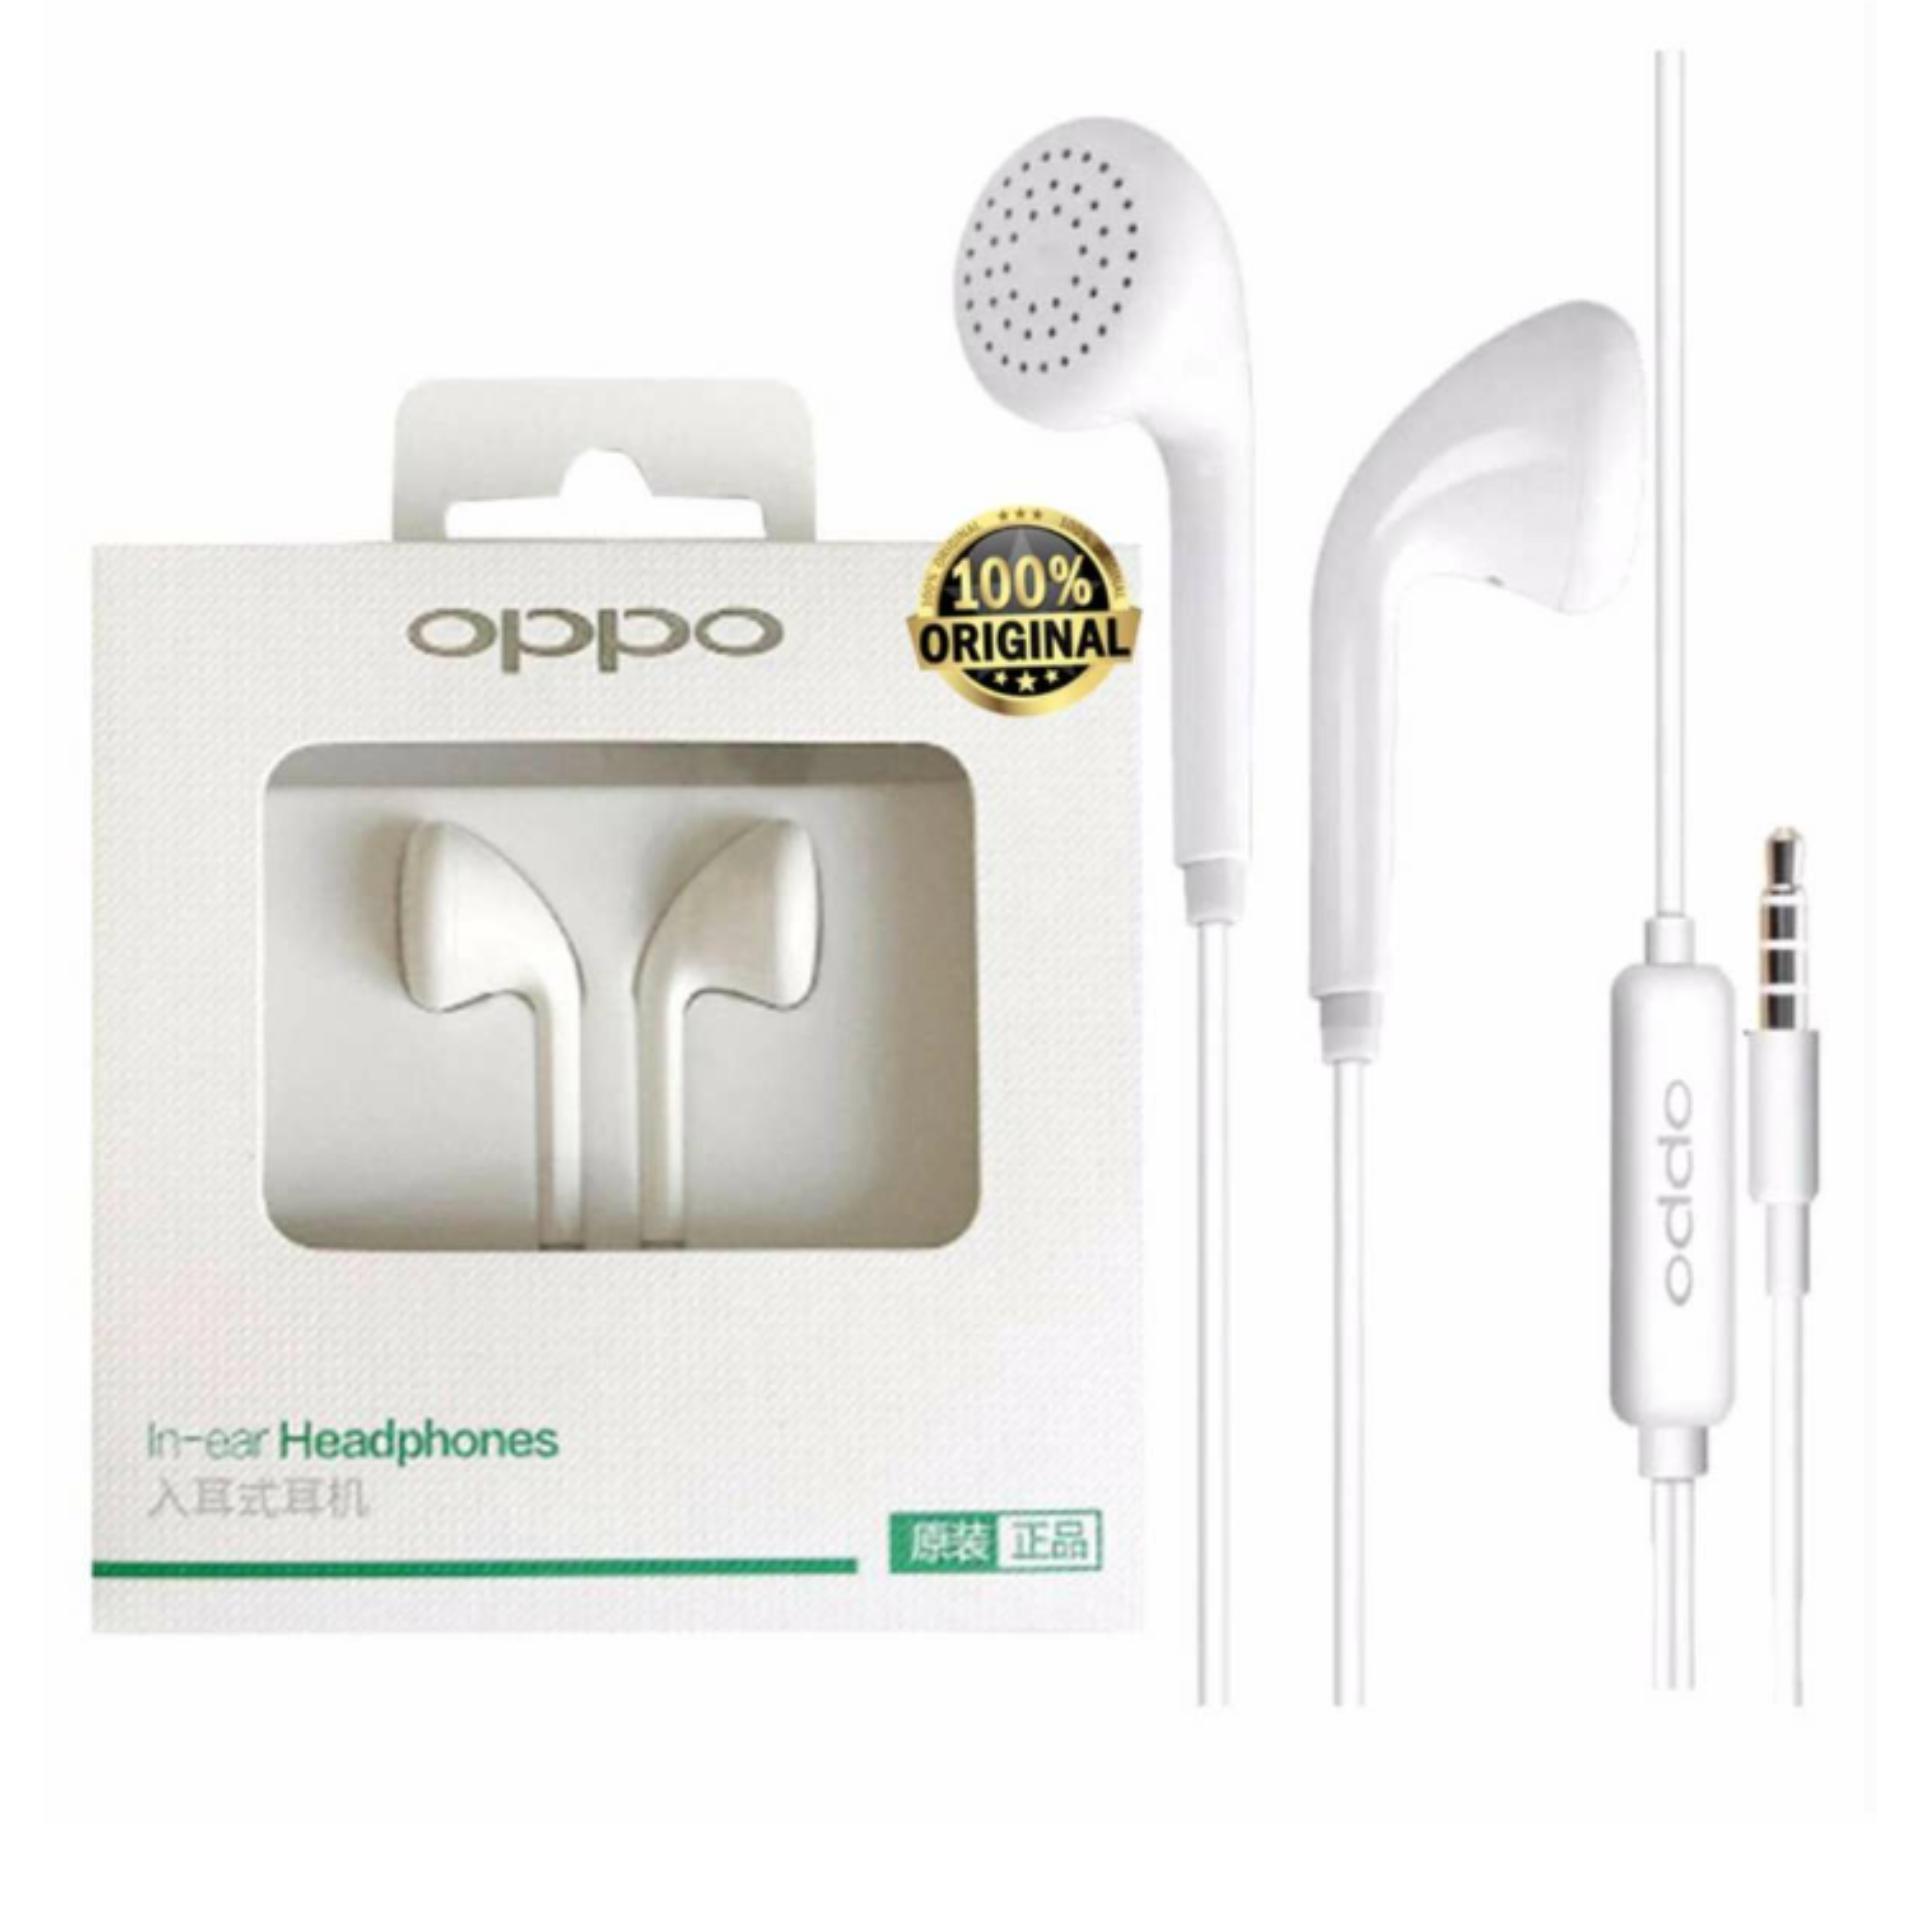 headset oppo stereo Oppo Headset / Handsfree MH133 f7 a3s f1s ori R9 R9plus Original - Putih